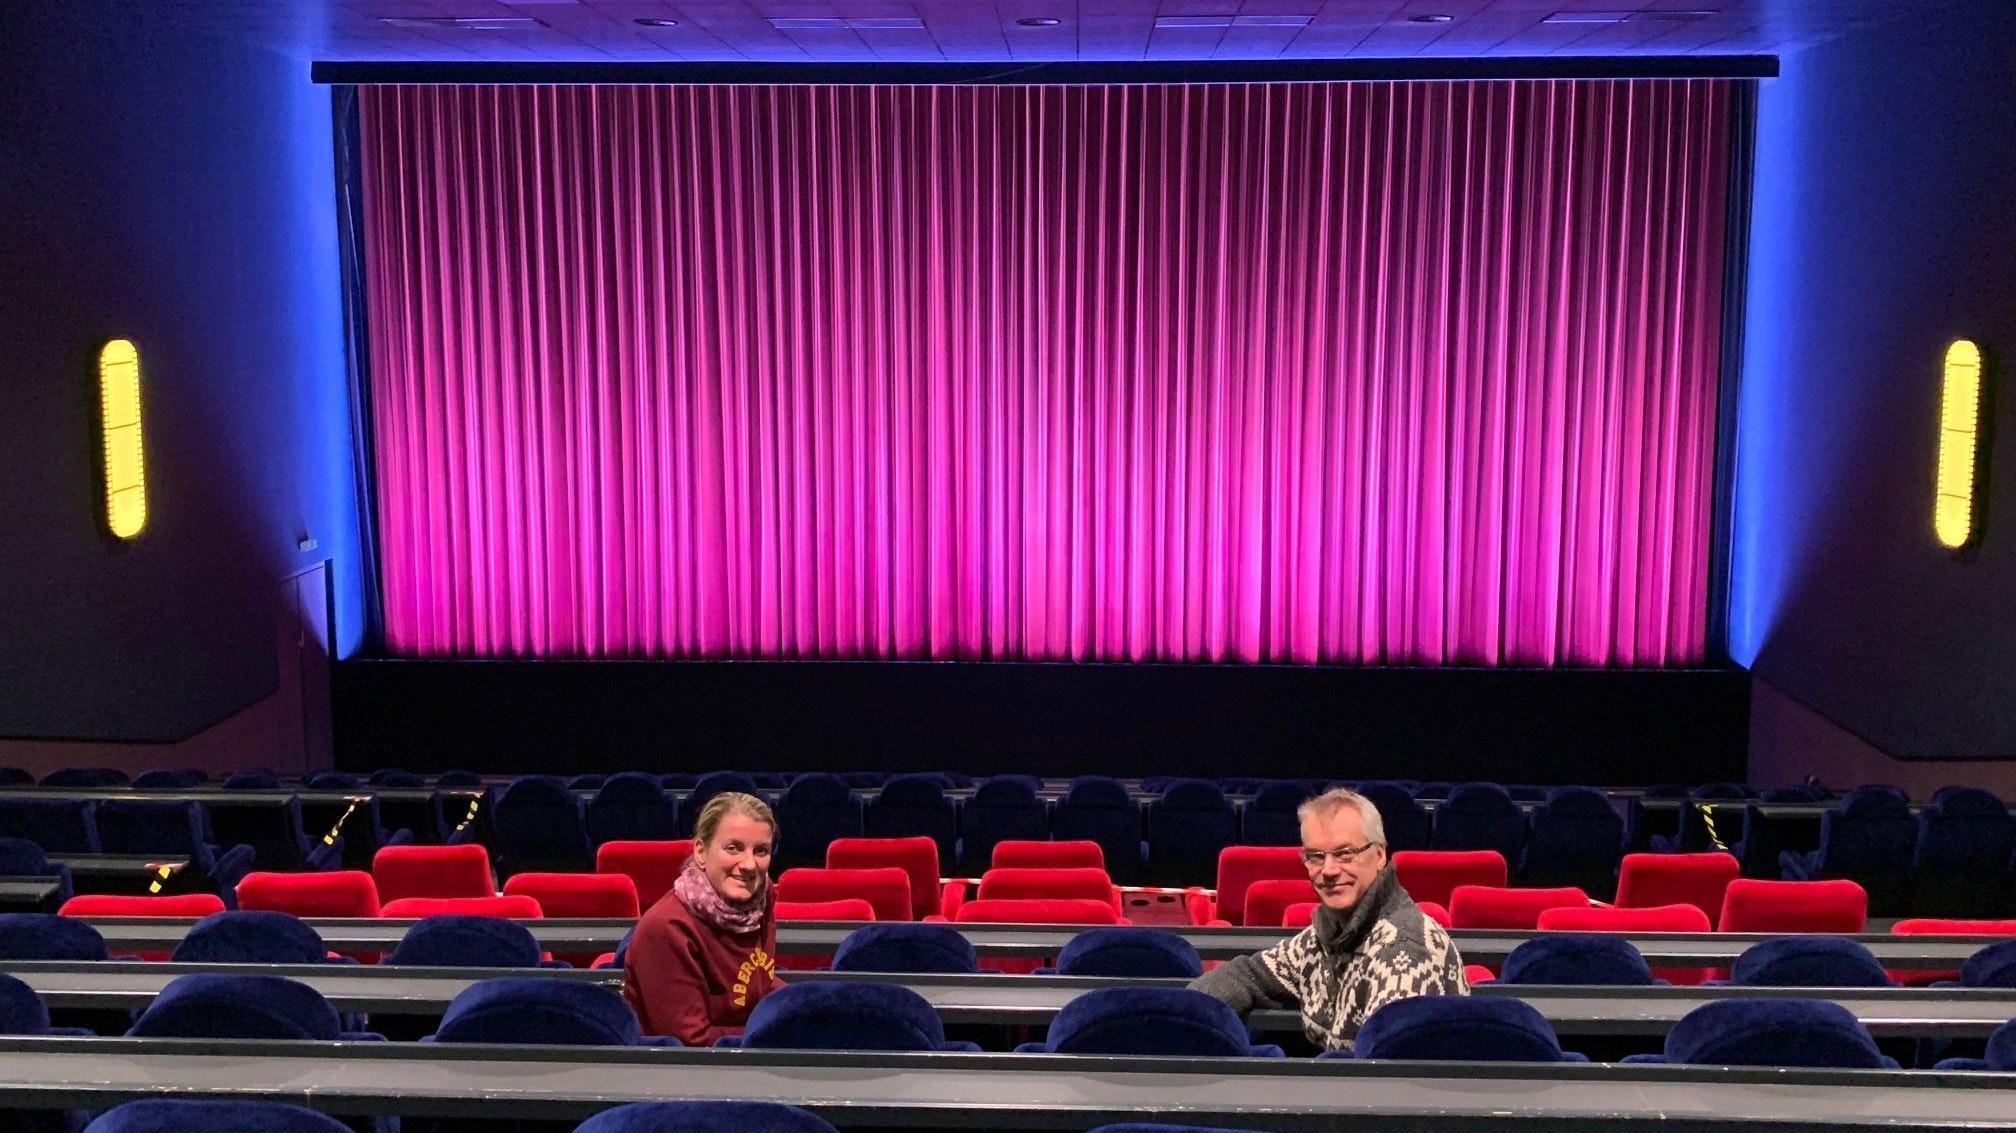 """Setzen auf die """"Magie des Kinos"""": Anja Brendel-Ellmann und Frank Ellmann betreiben das Cinecenter. Foto: © Brendel-Ellmann"""